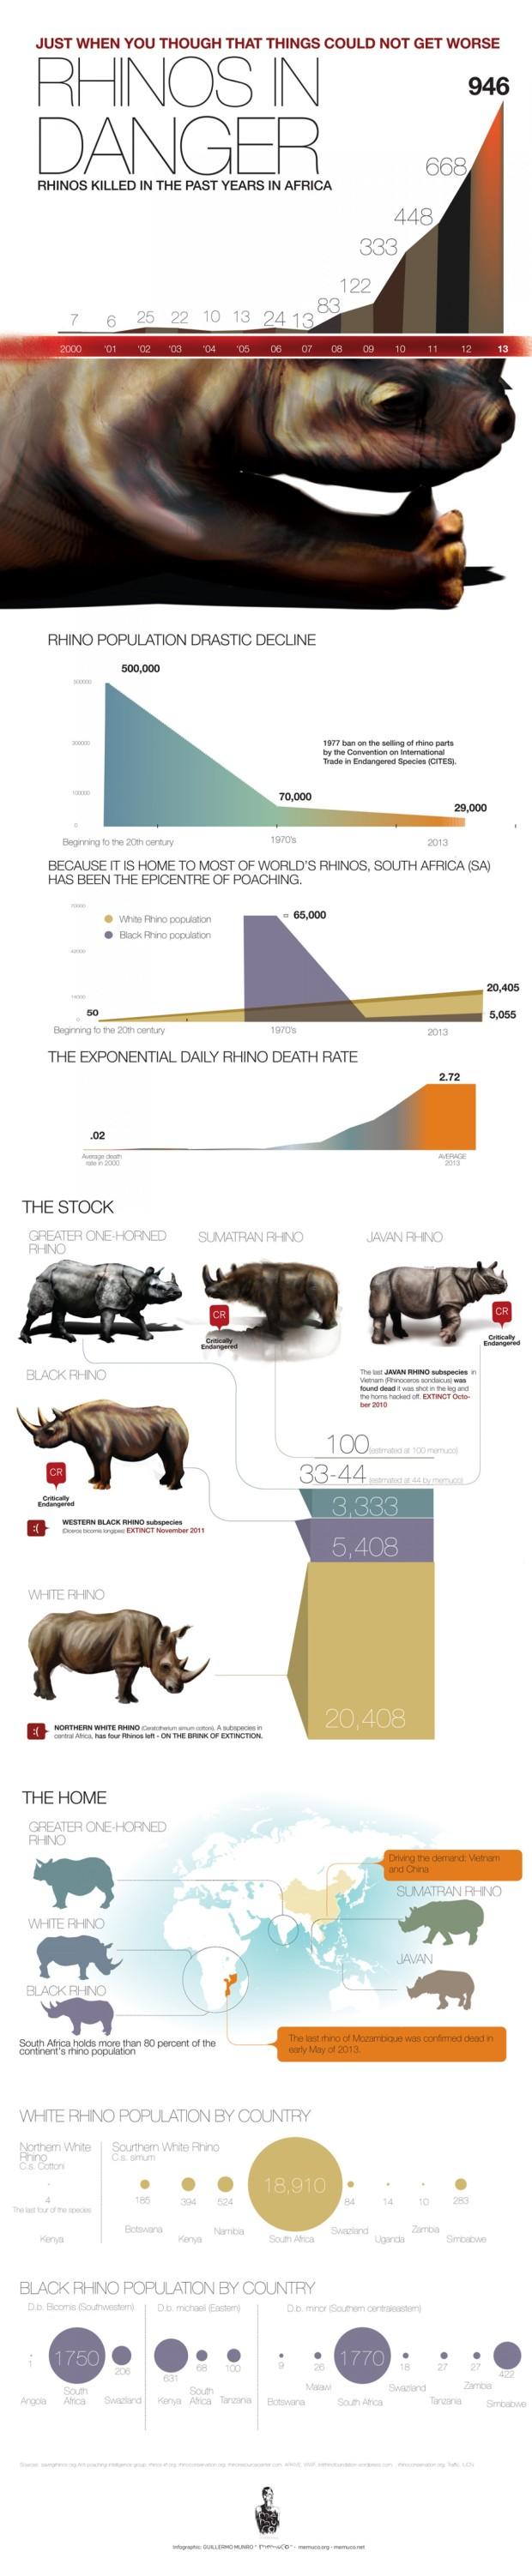 RhinosinDangerInfographic